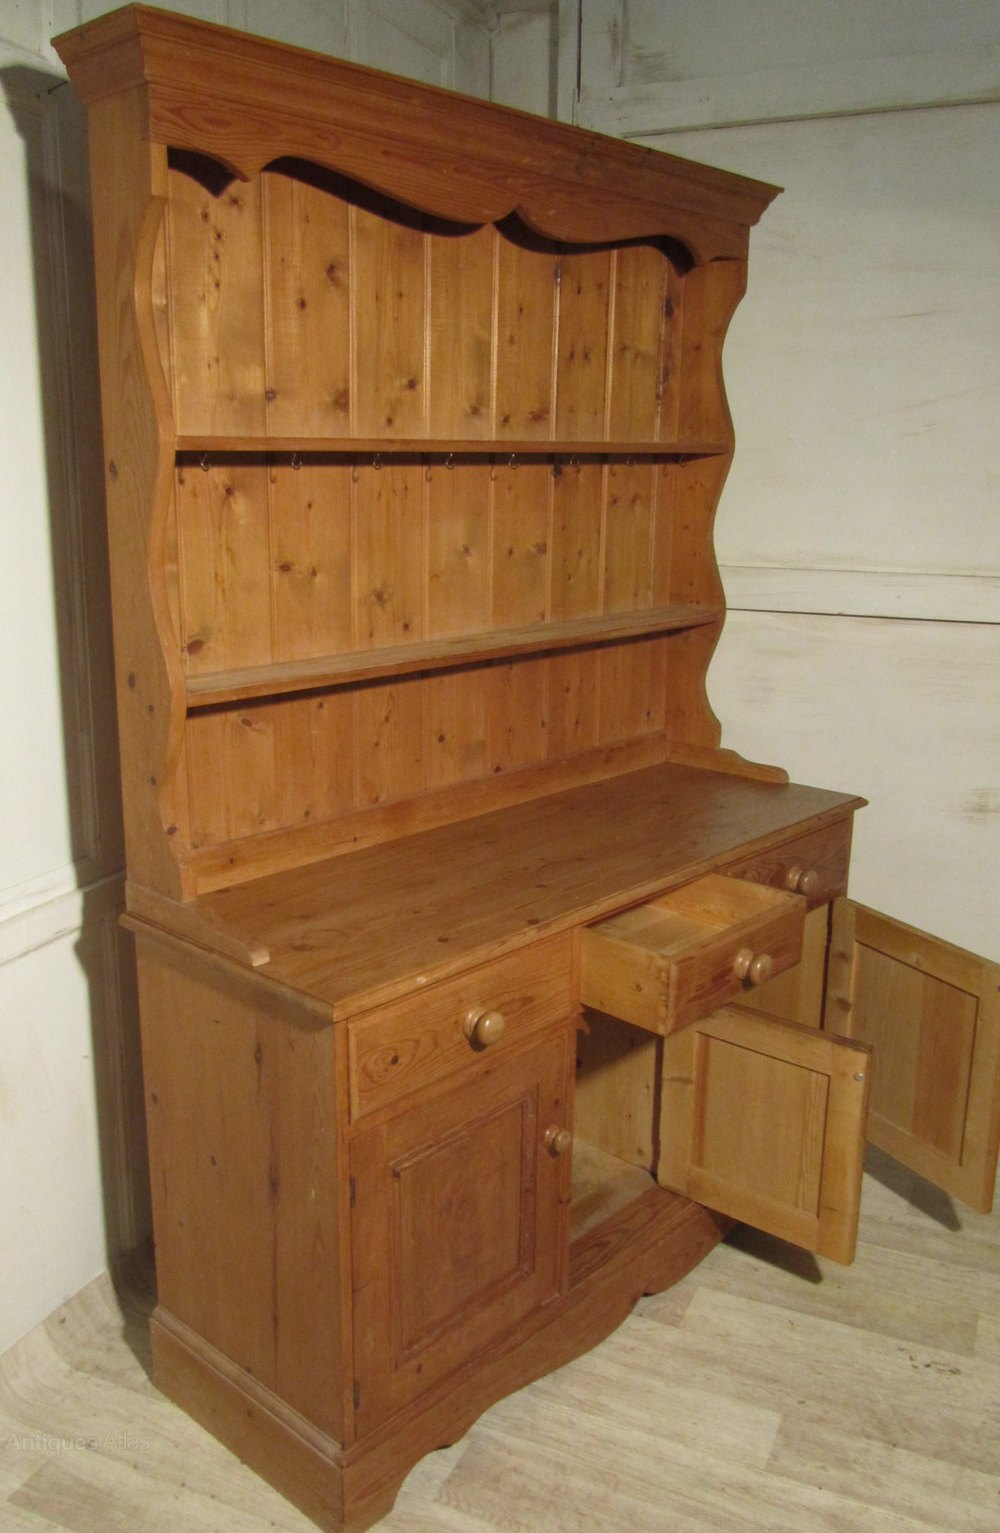 Kitchen Dresser For Sale Edinburgh